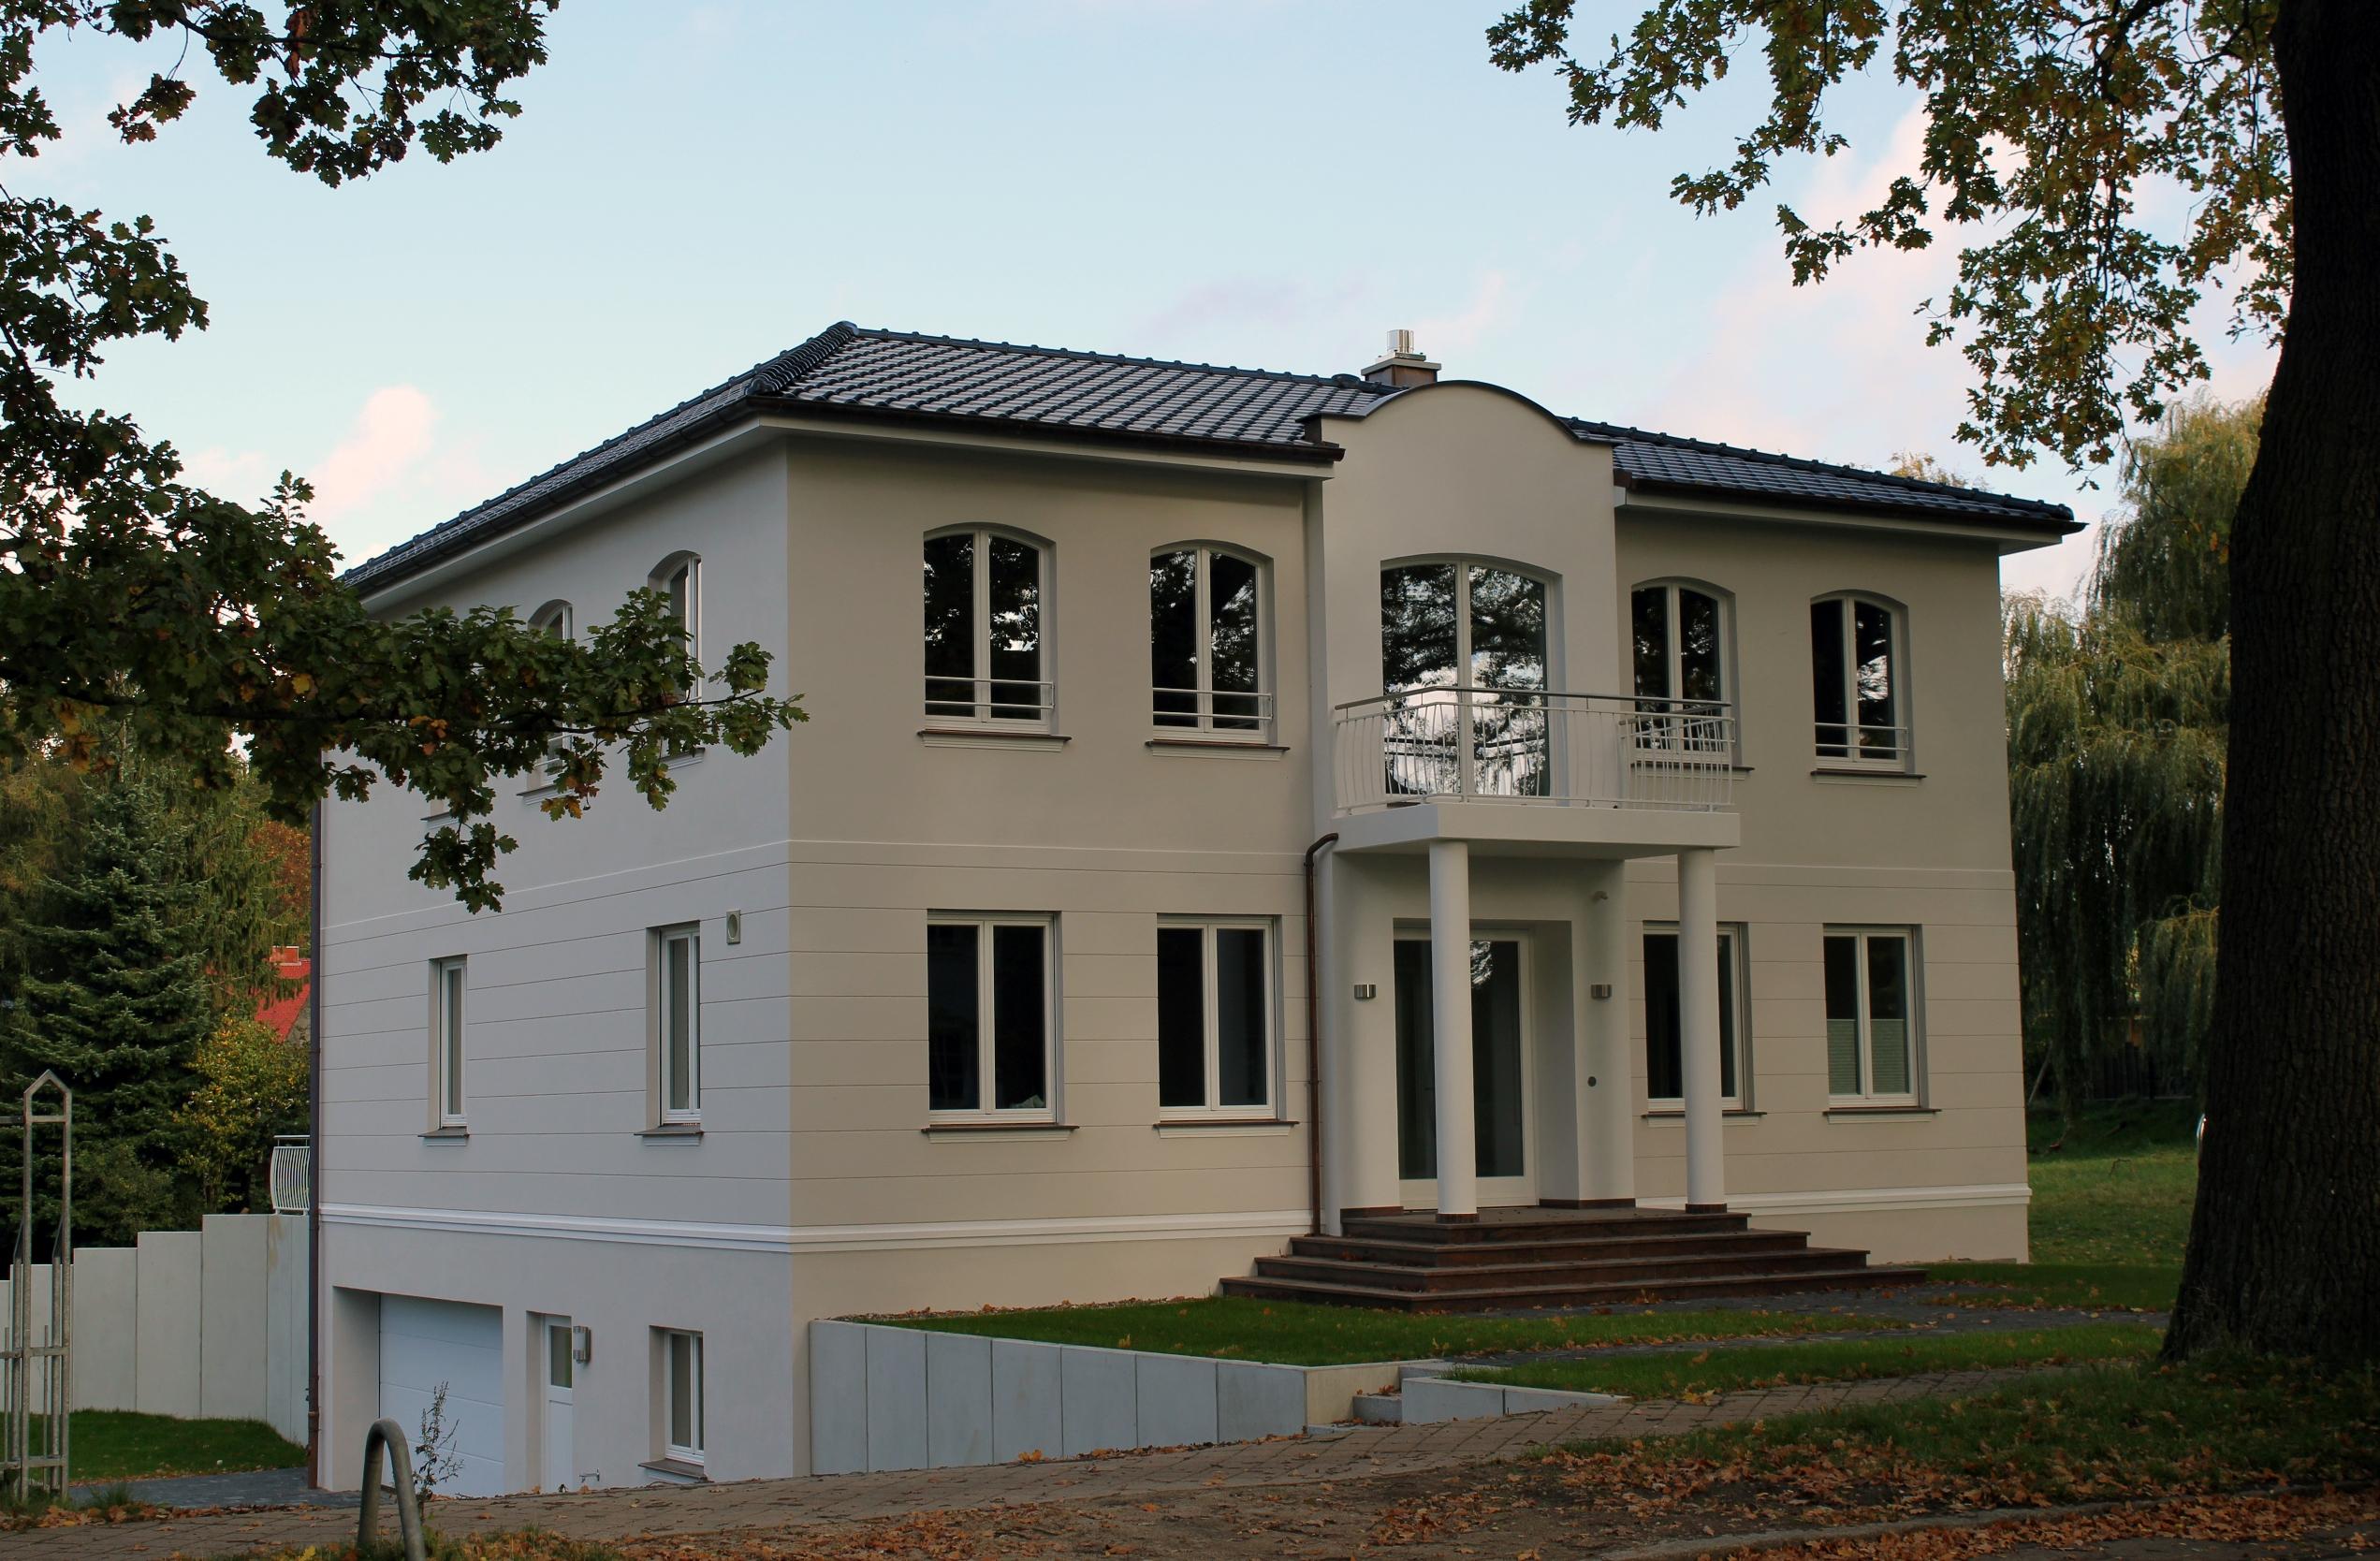 Ansicht Einfamilienhaus Schwerin Vorderseite